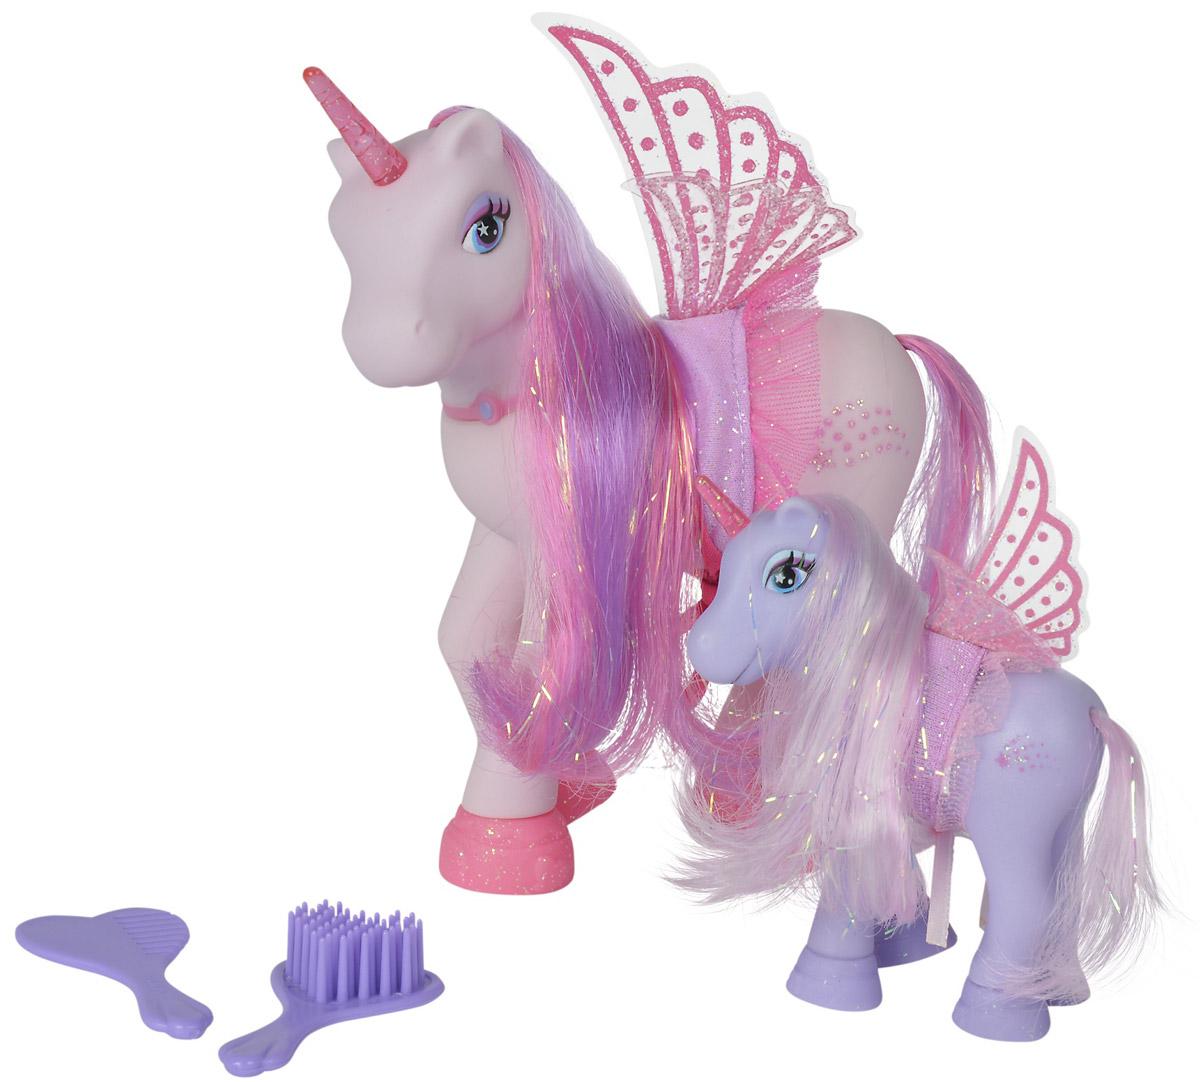 Simba Набор фигурок Сказочные пони-феи цвет светло-фиолетовый светло-розовый 2 шт5945234_светло-фиолетовый, светло-розовыйНабор фигурок Simba Сказочные пони-феи понравится любой малышке, особенно если она любит играть с единорогами. В набор входят две фигурки единорогов-фей - сказочный единорог мама и ее детеныш. Единороги имеют крылья, а также длинные шелковистые гривы, которые можно расчесывать (в набор входят две расчески), создавая разнообразные прически. На пони надеты стильные накидки с оборками.